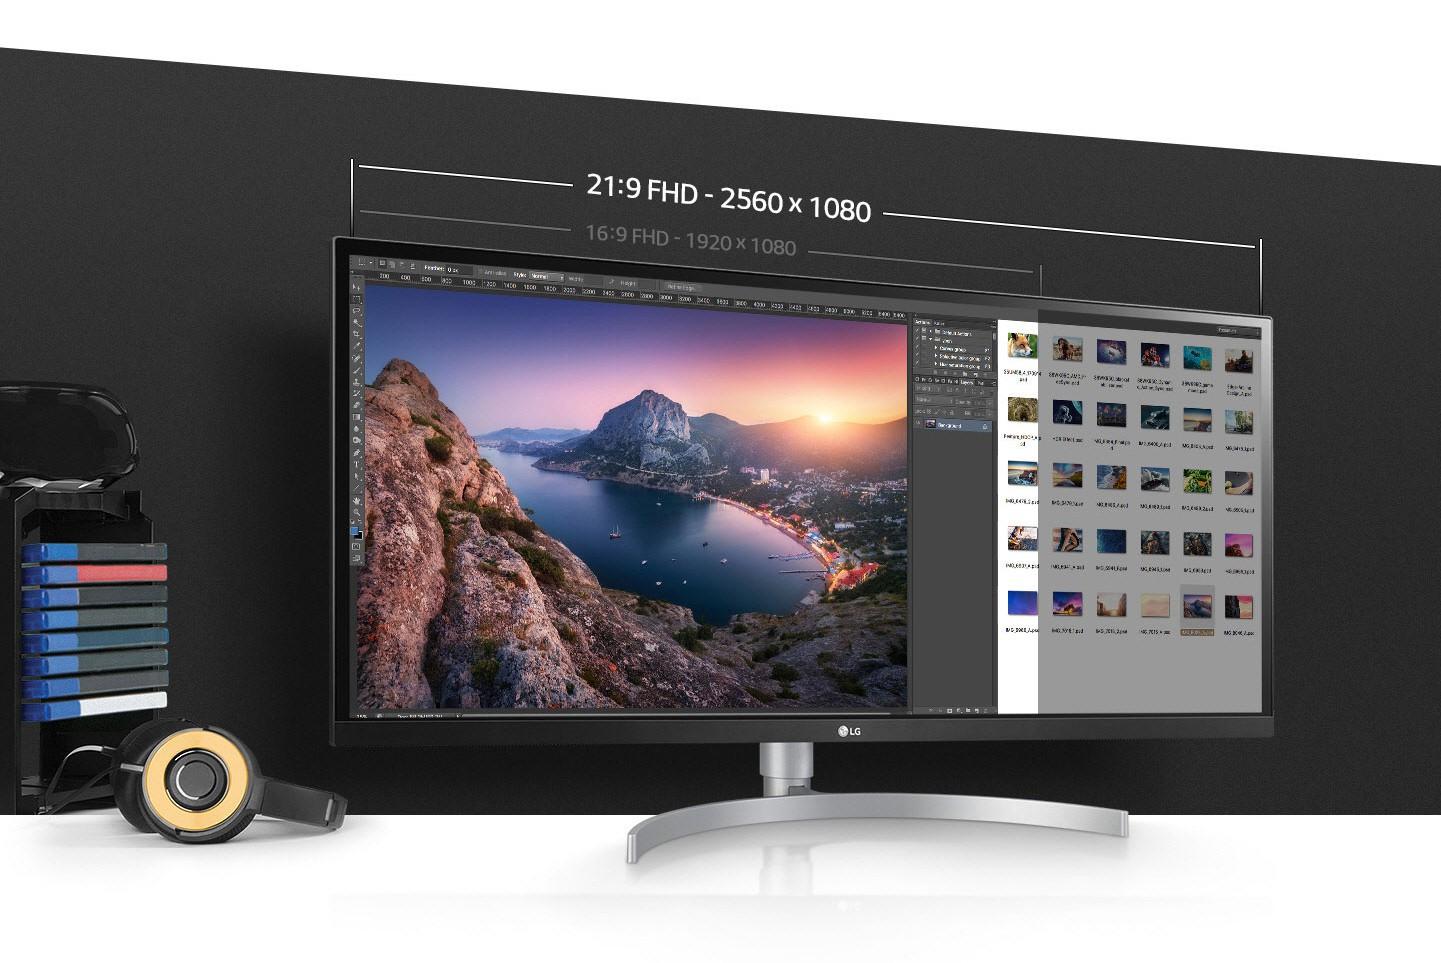 Màn hình LG 21:9 chuẩn màu: Xu hướng không thể cưỡng lại của người dùng đồ họa, giải trí và làm việc đa nhiệm - Ảnh 1.